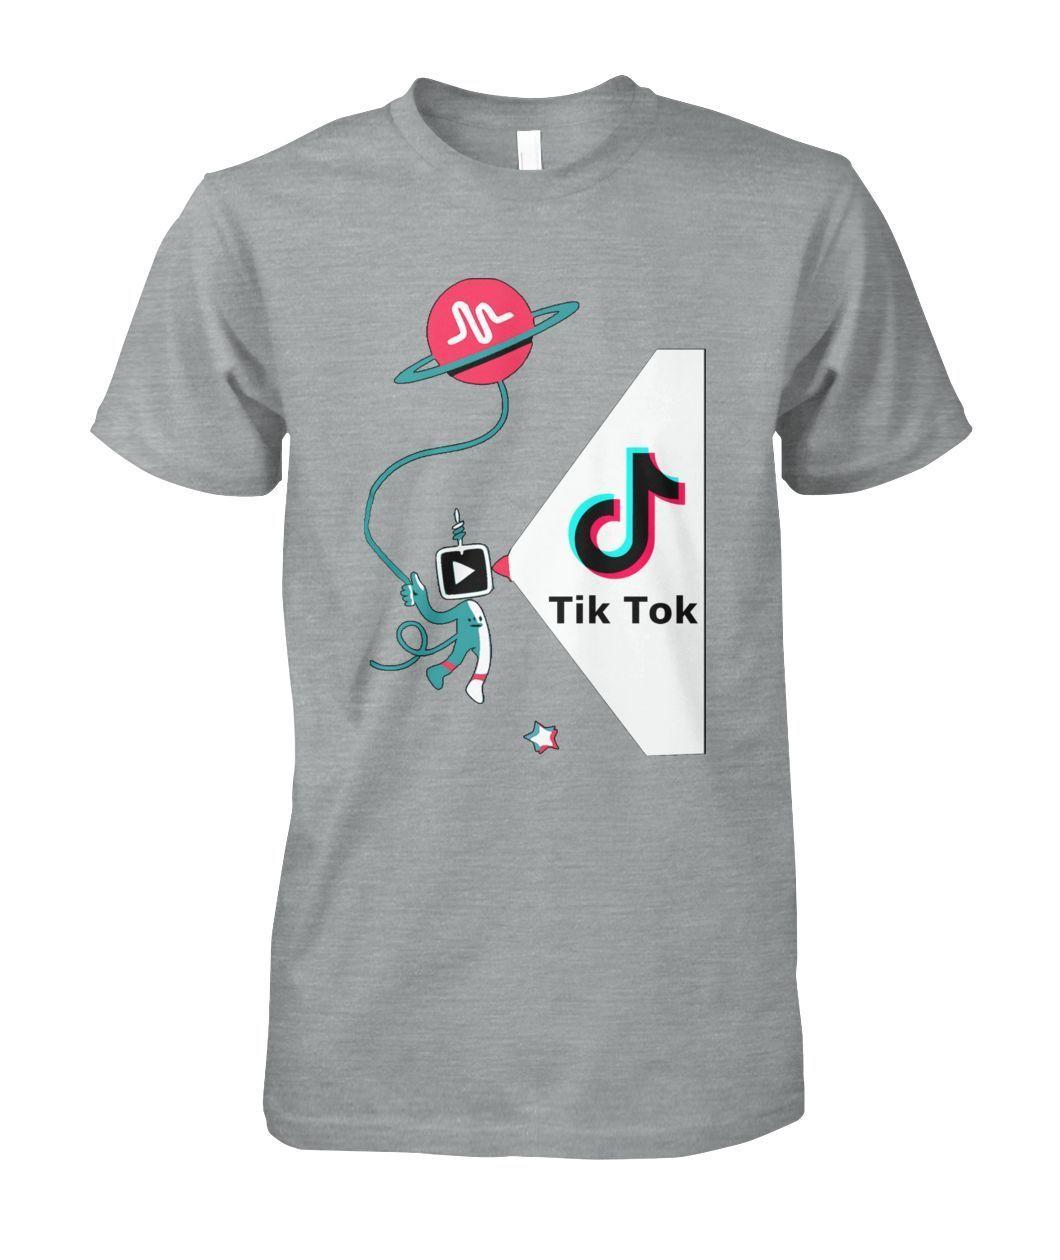 Tik Tok Musically Men Funny T Shirt.1045 Music T